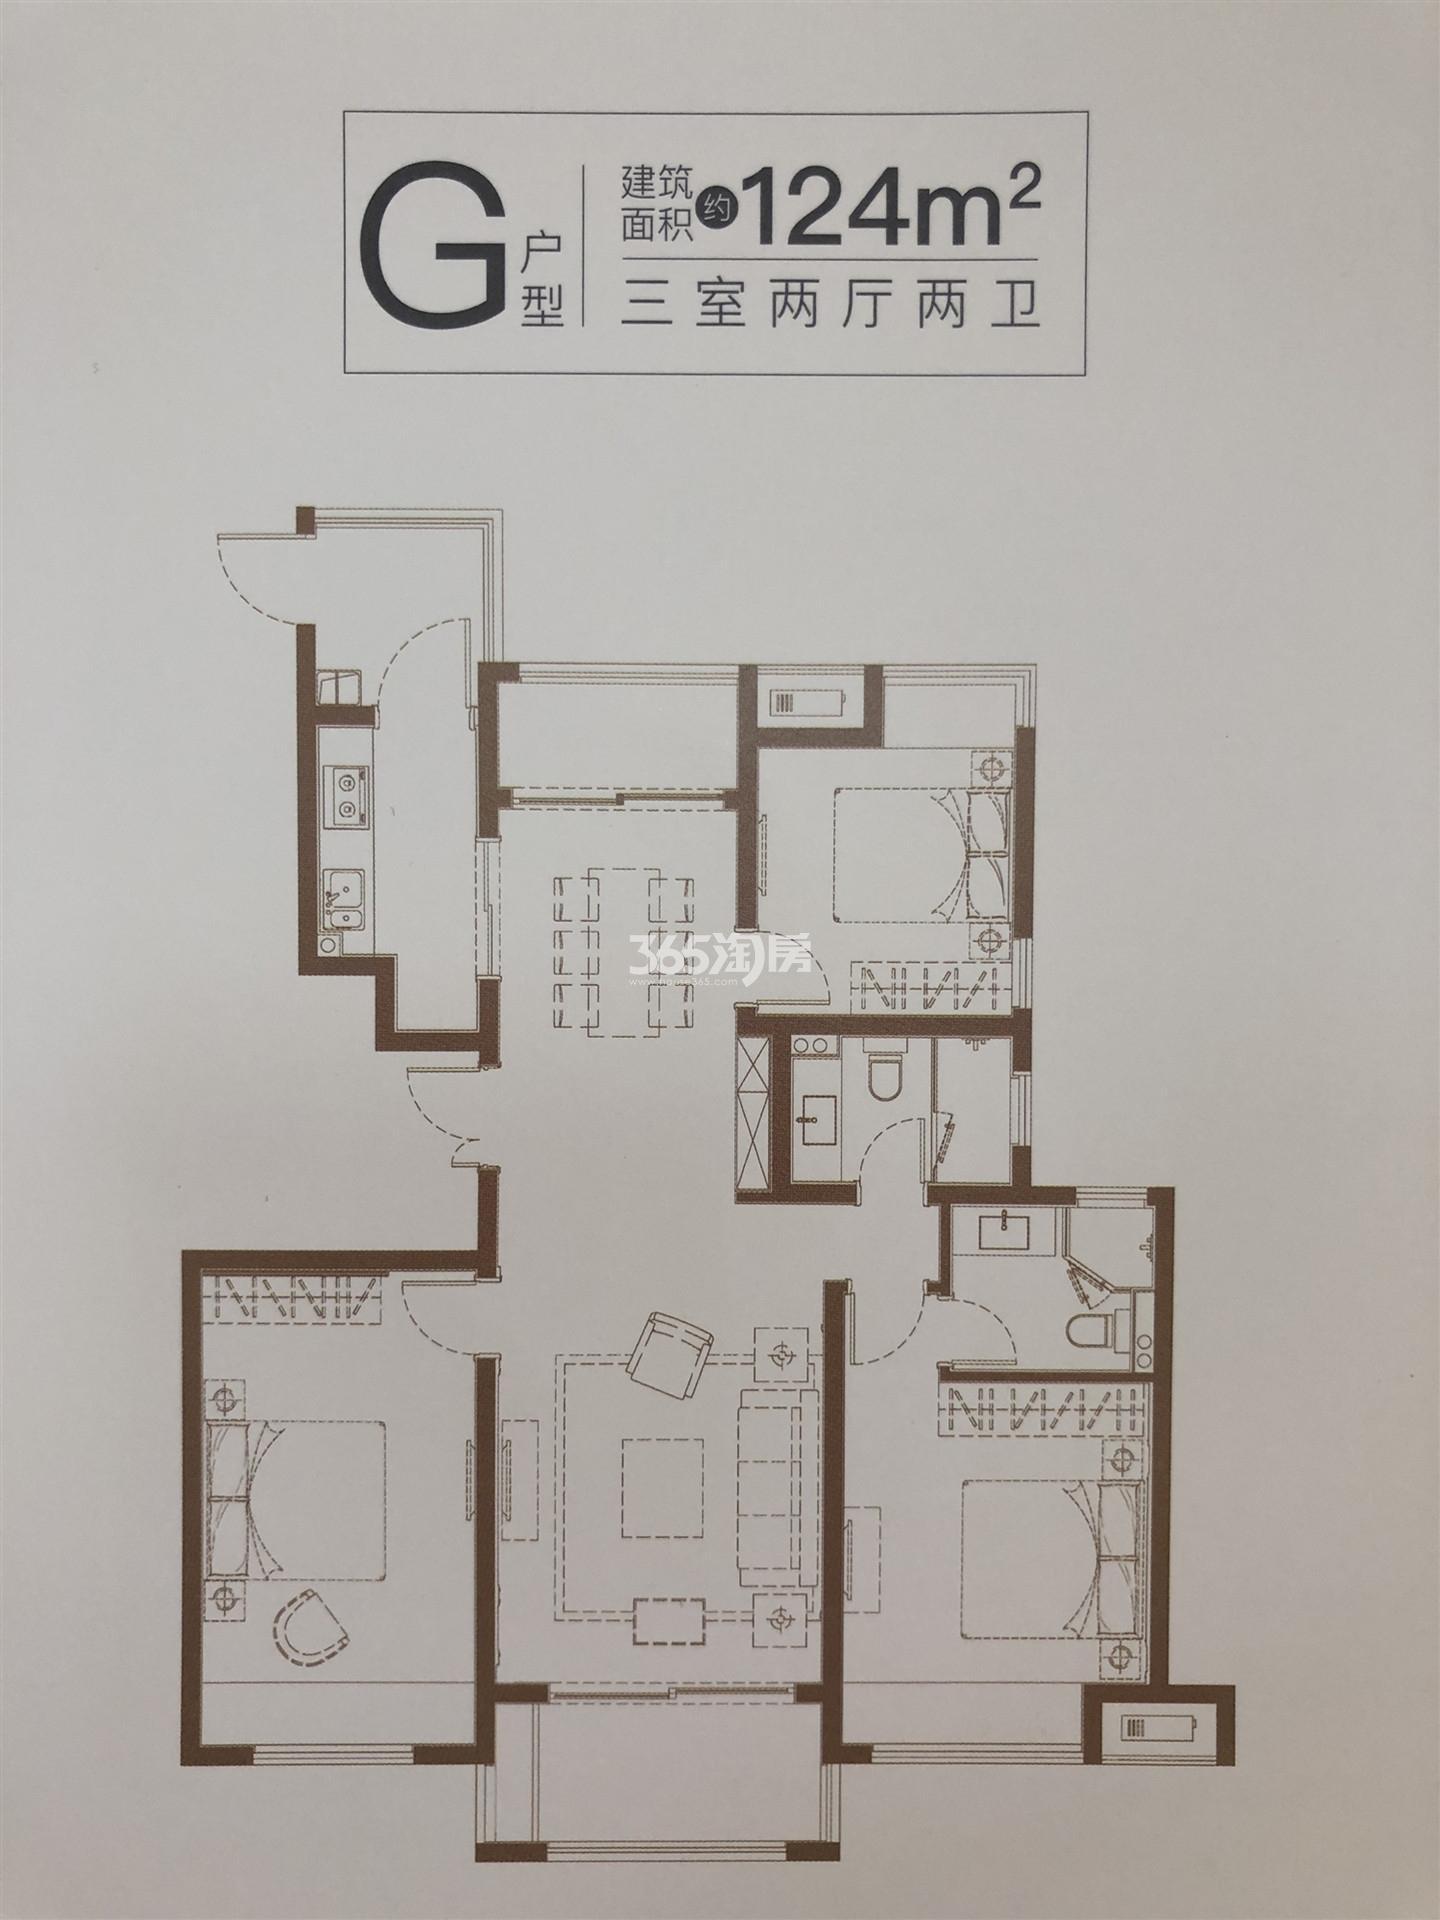 中国铁建青秀城G户型124㎡